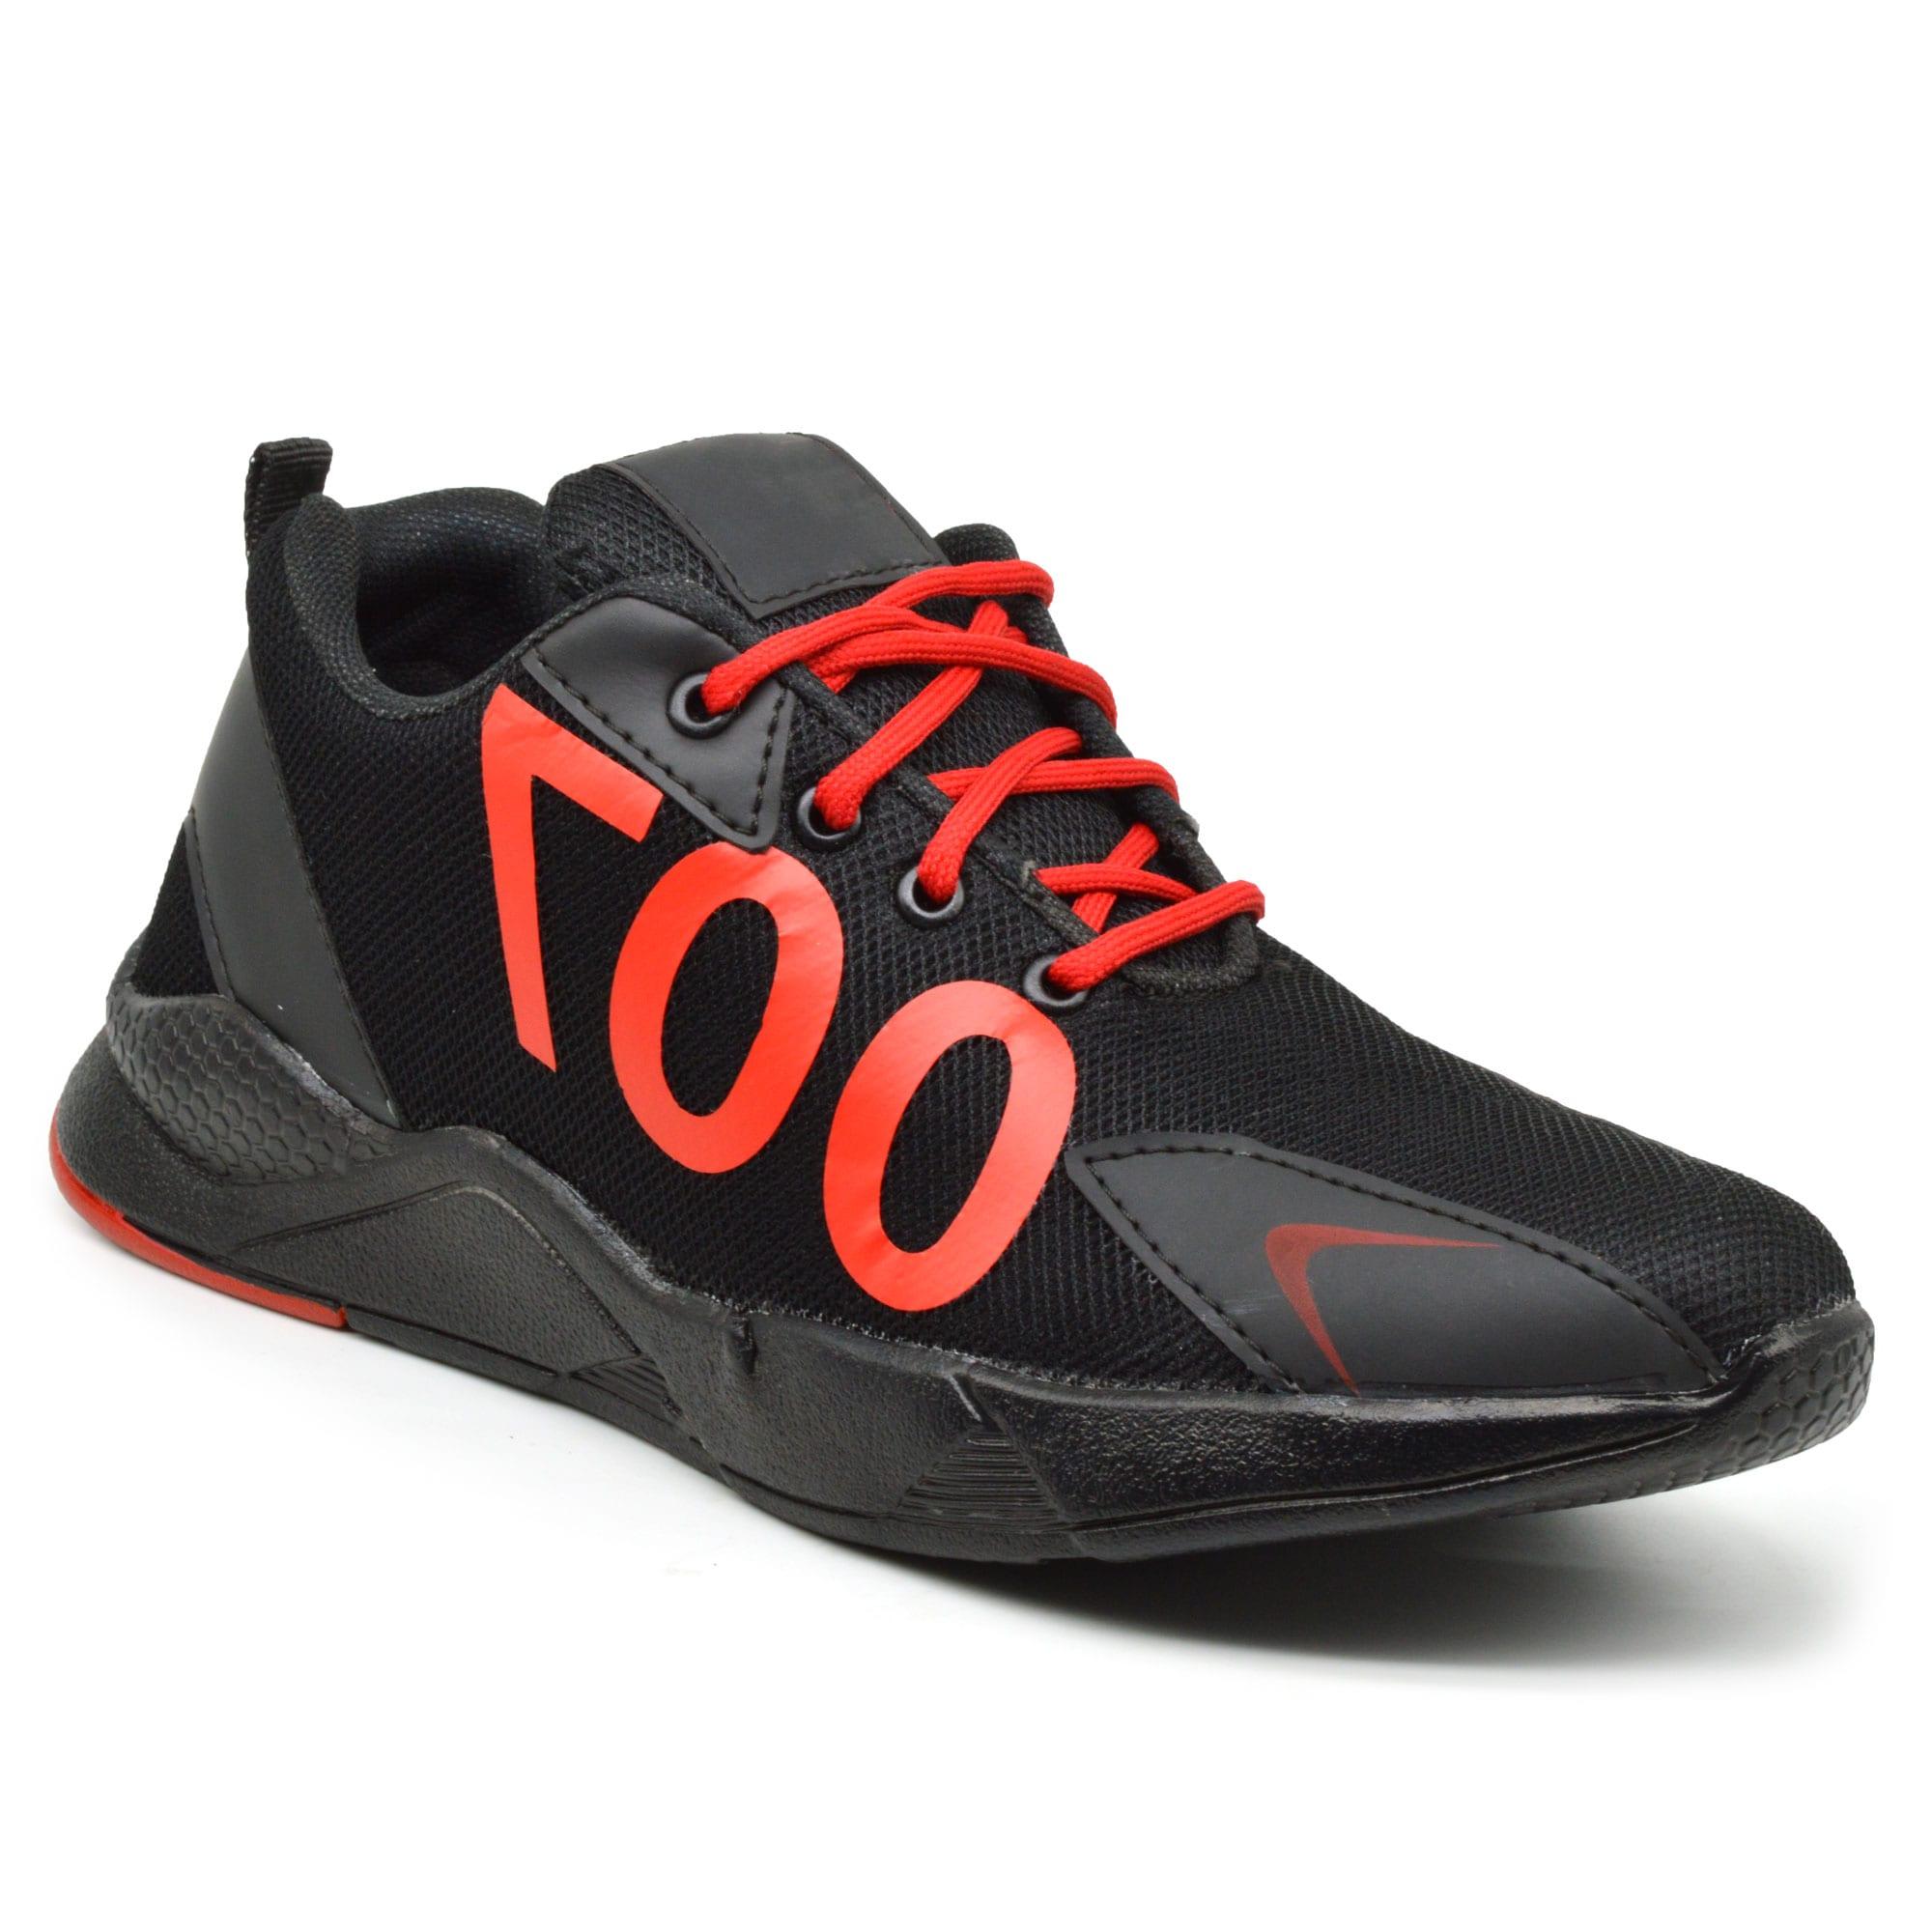 IMCOLUS29.193_BLACK FLEXIBLE &COMFOTABLE MENS Sports Shoes SHOES  IMCOLUS29.193_BLACK (BLACK,6TO10,8 PAIR)